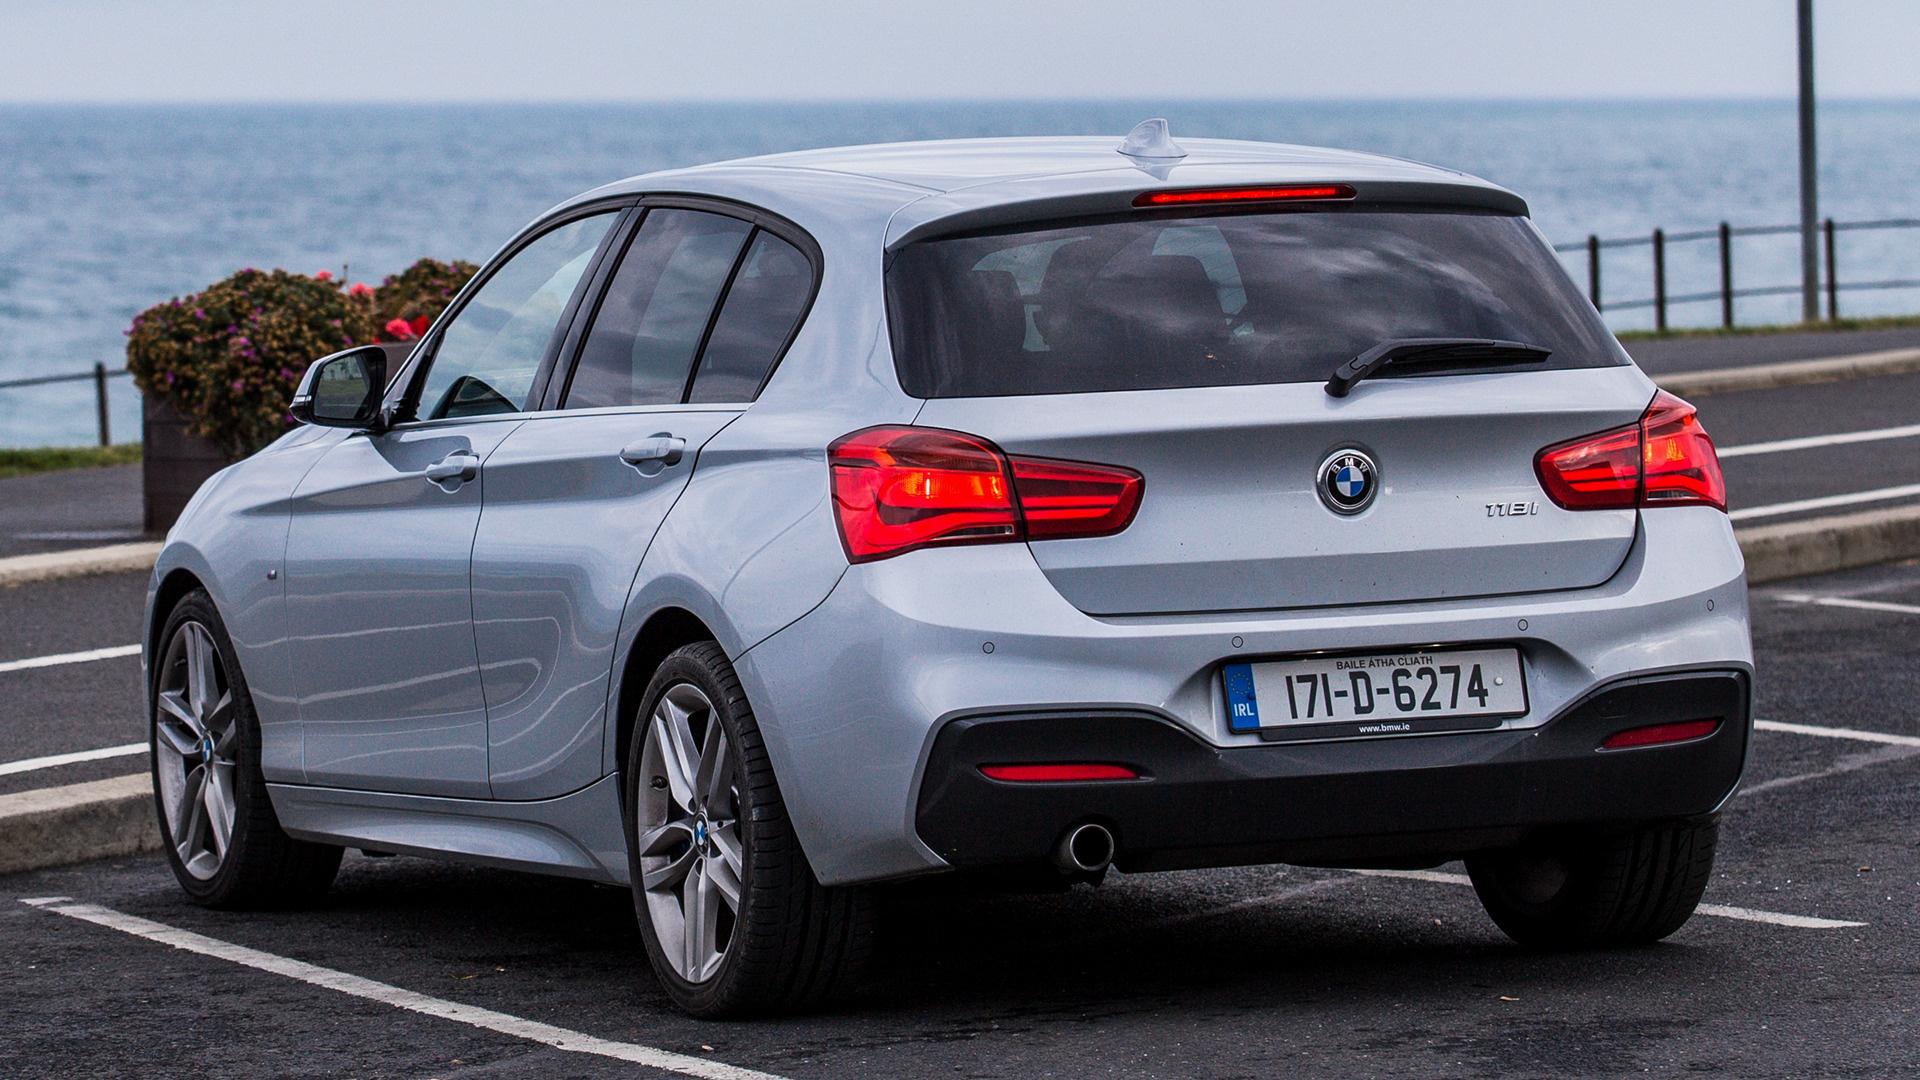 2017 Bmw 6 Series >> 2015 BMW 1 Series M Sport [5-door] (UK) - Wallpapers and ...